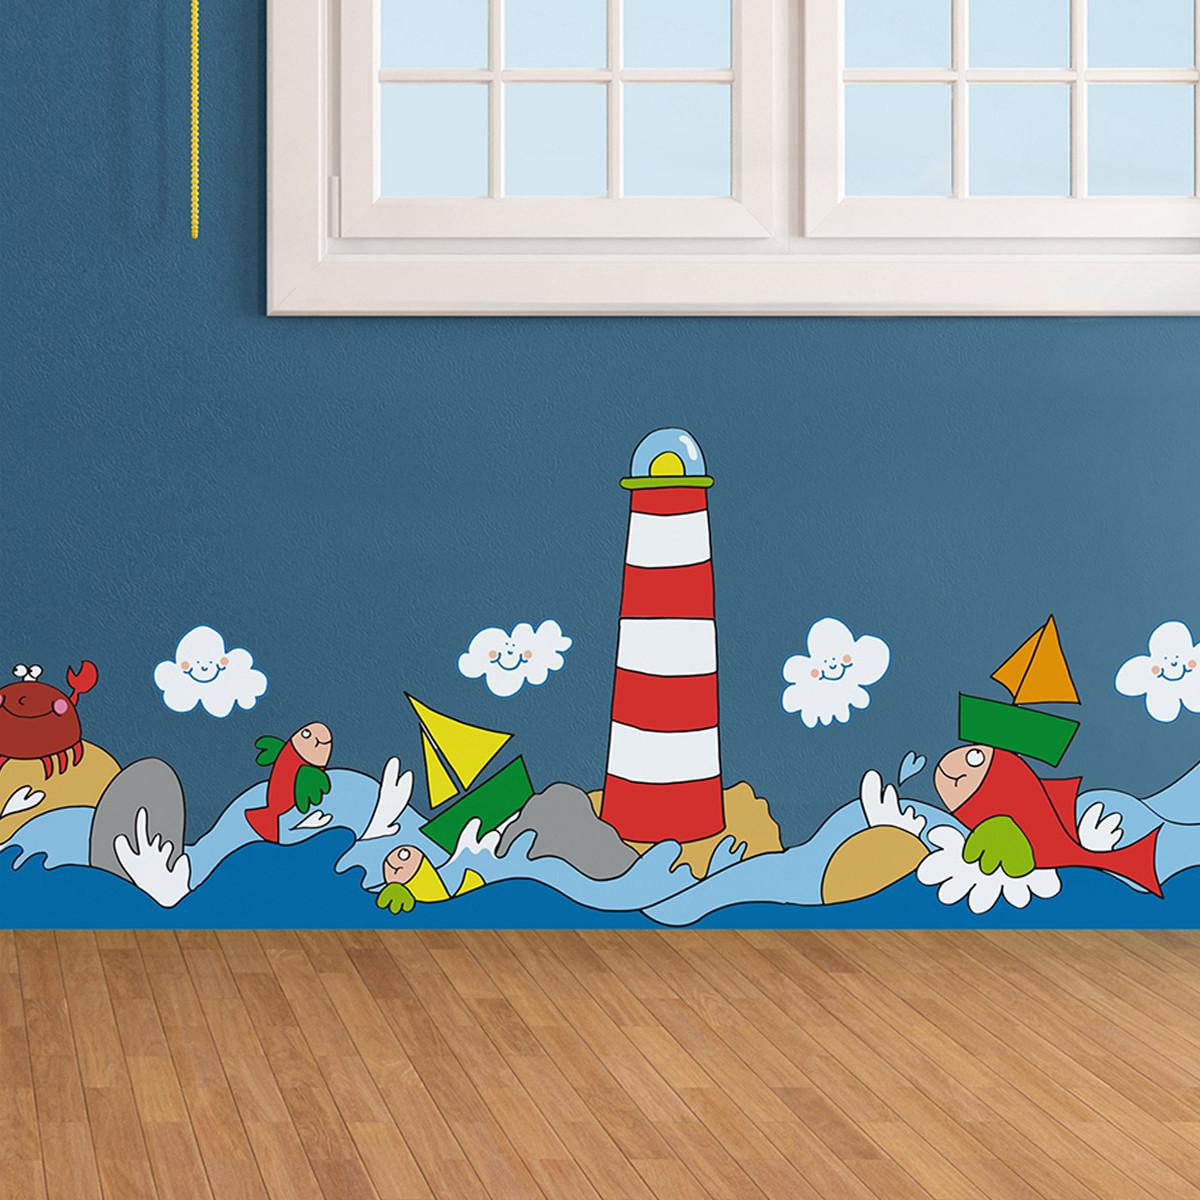 Παιδική Αυτοκόλλητη Μπορντούρα Τοίχου Ango Sea 14003 home   παιδικά   παιδική διακόσμηση